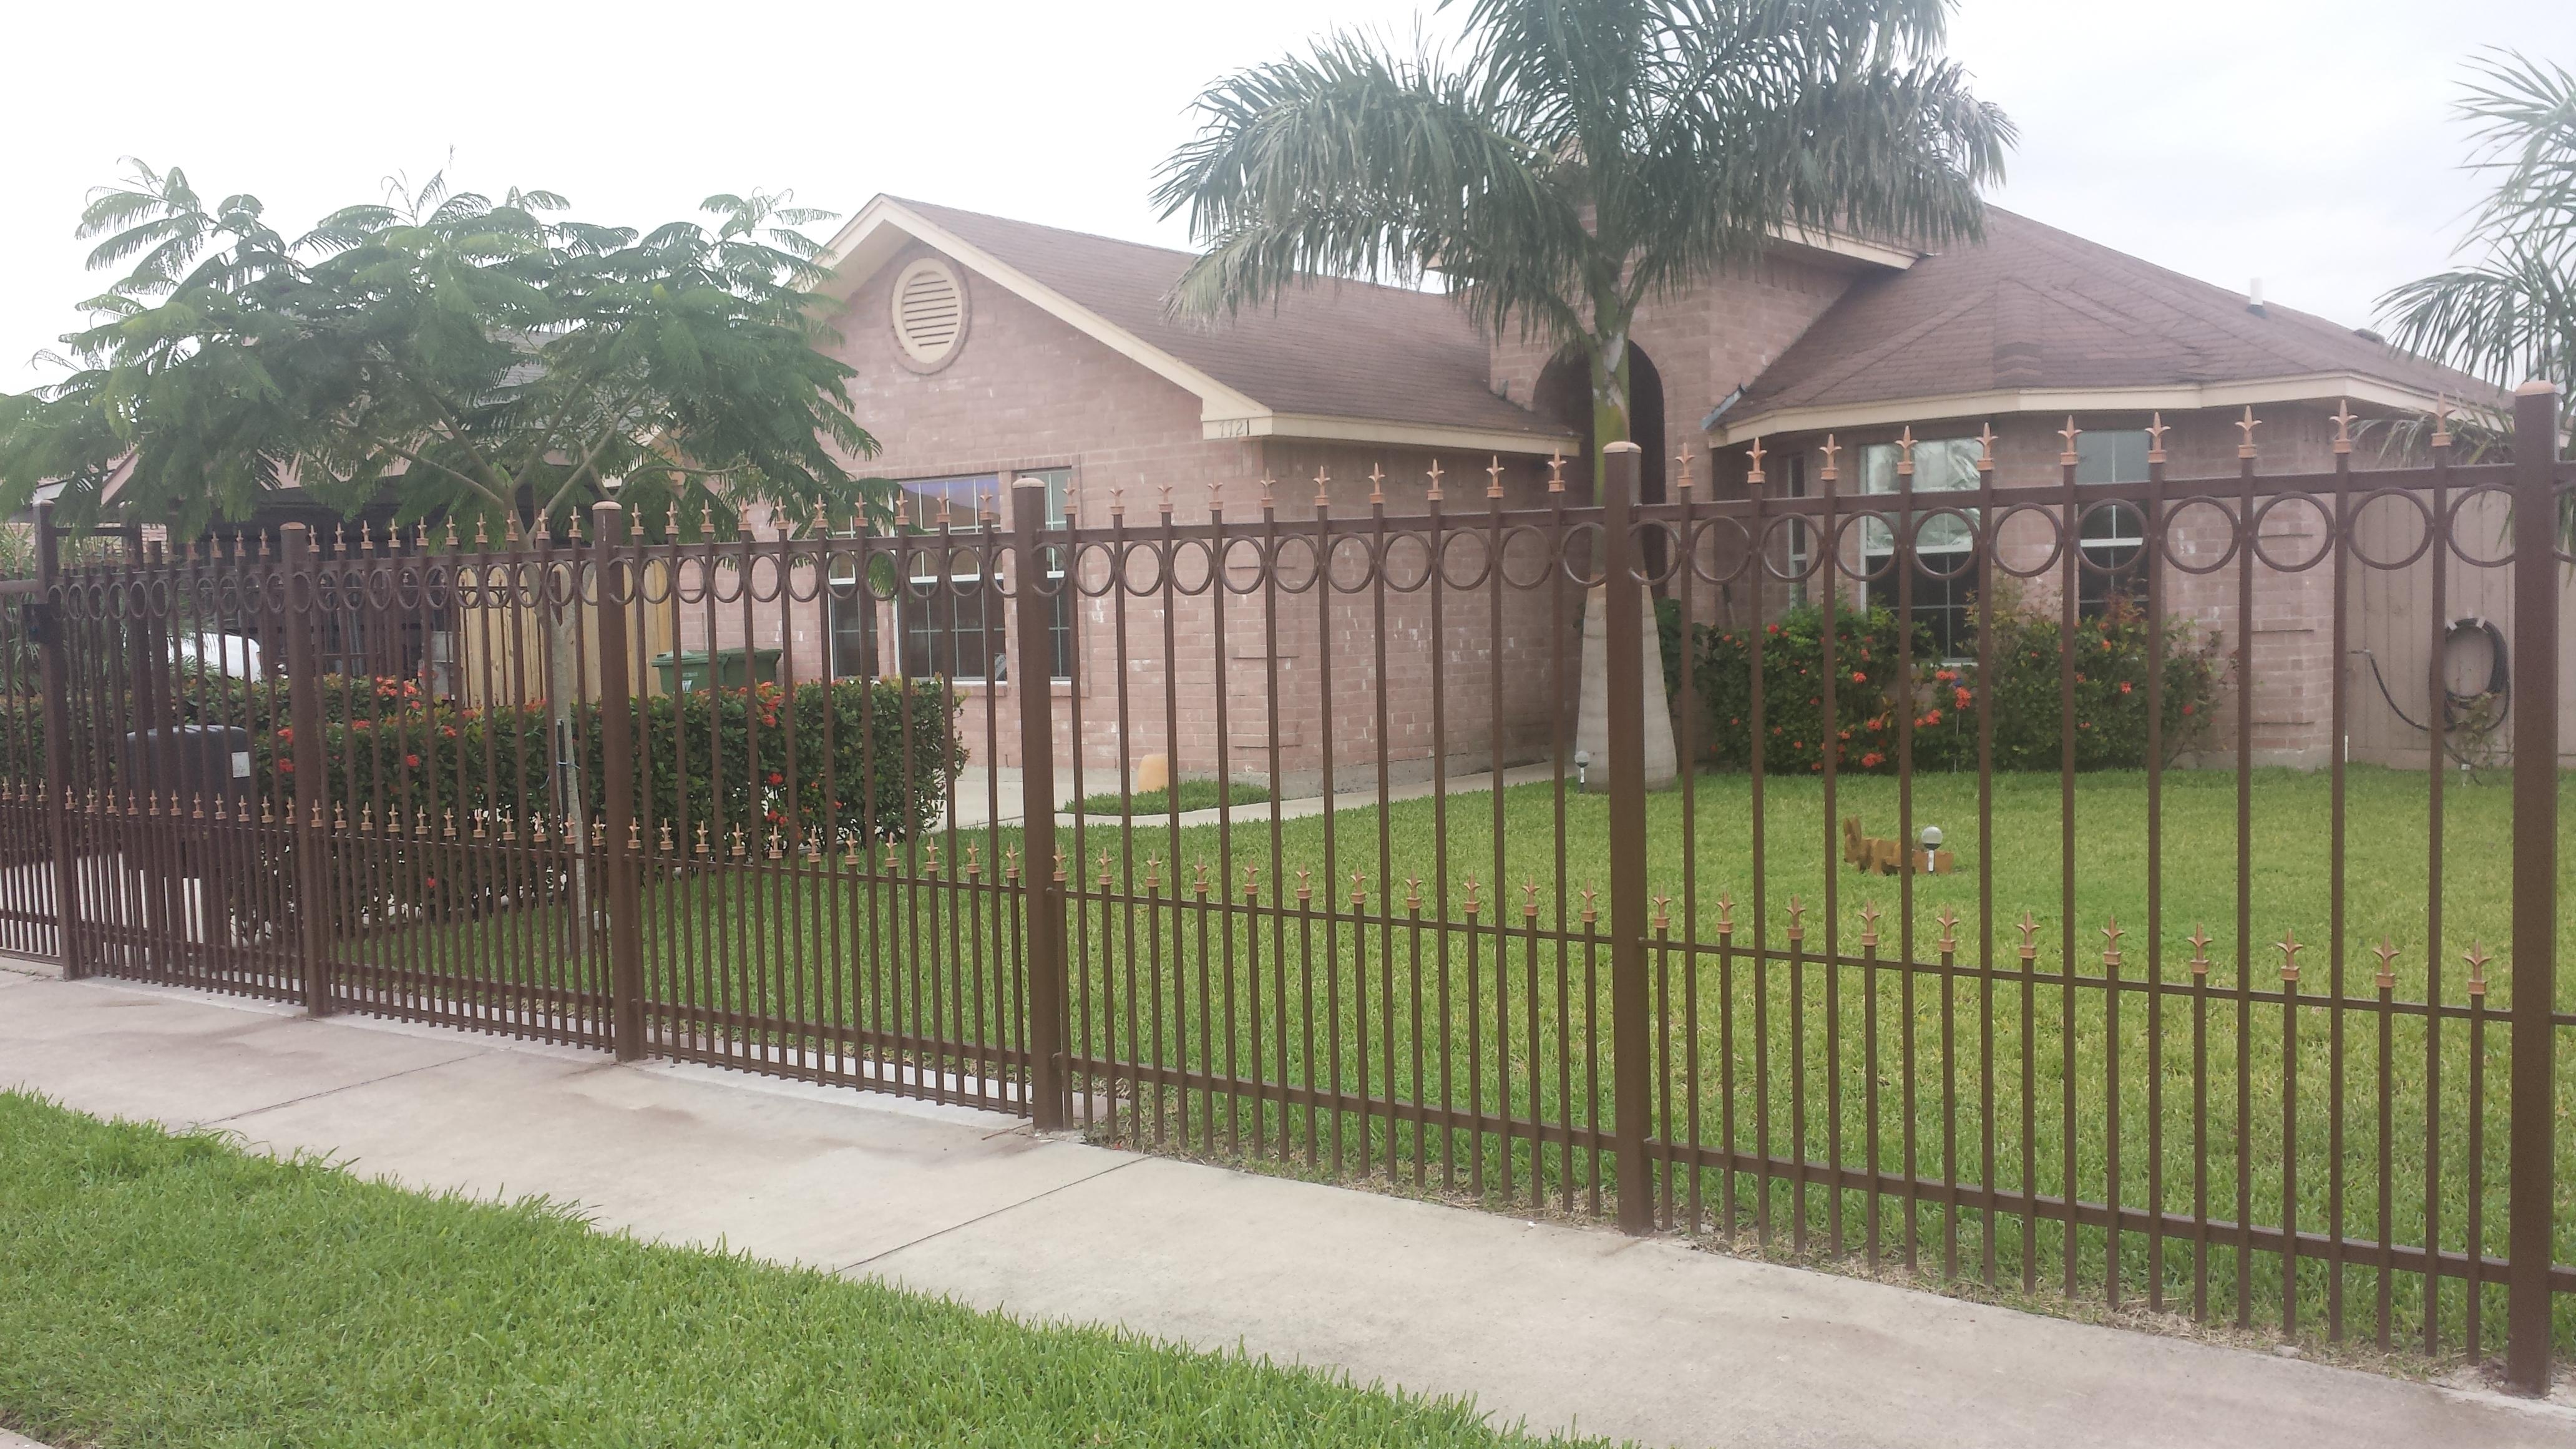 Garcia Fence image 8